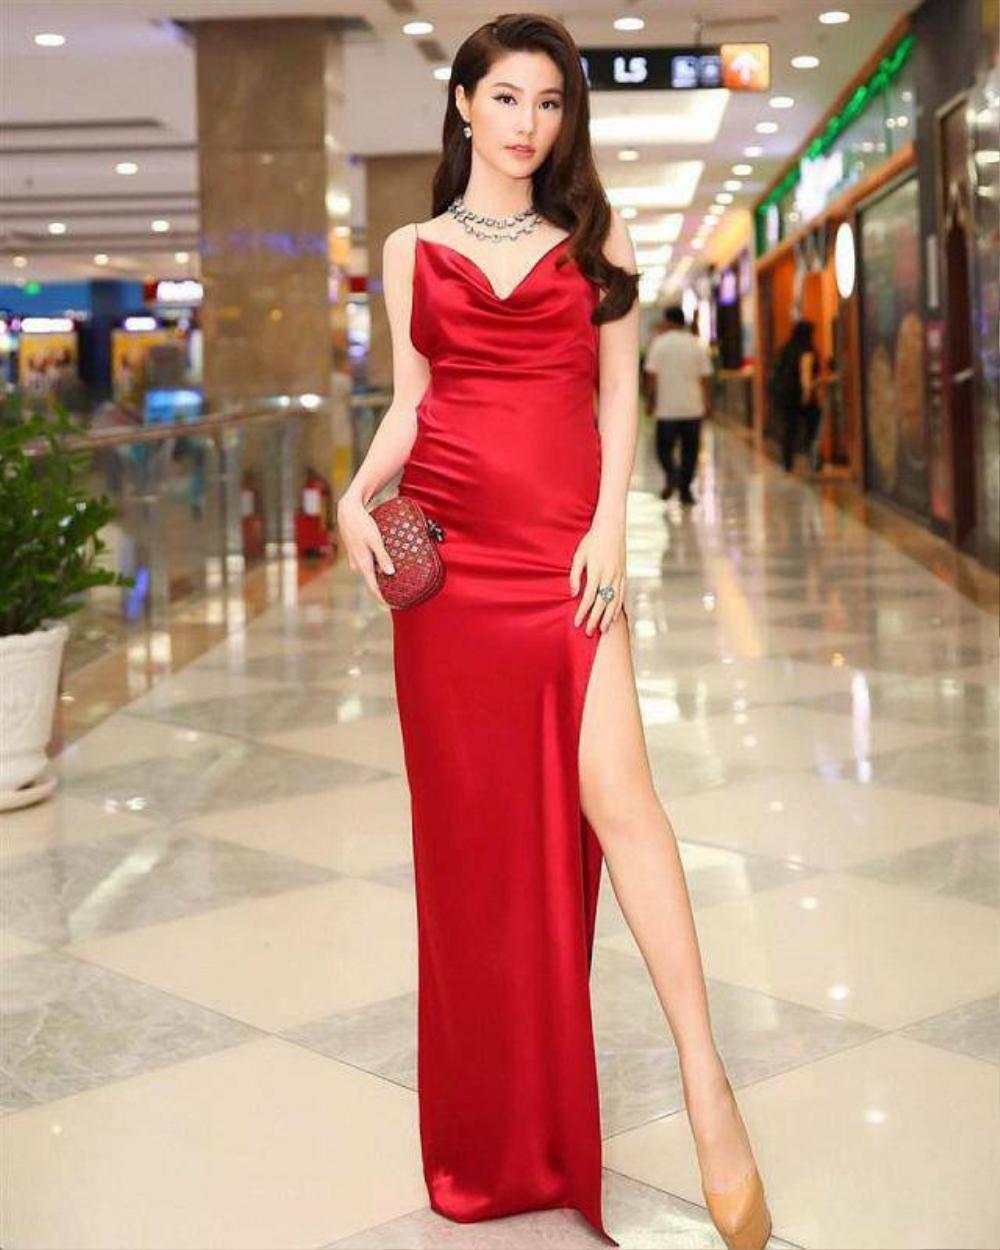 Bài học xương máu khi mặc váy lụa: Midu, hotgirl Trâm Anh bị hằn rõ 'vùng cấm địa' kém duyên Ảnh 13